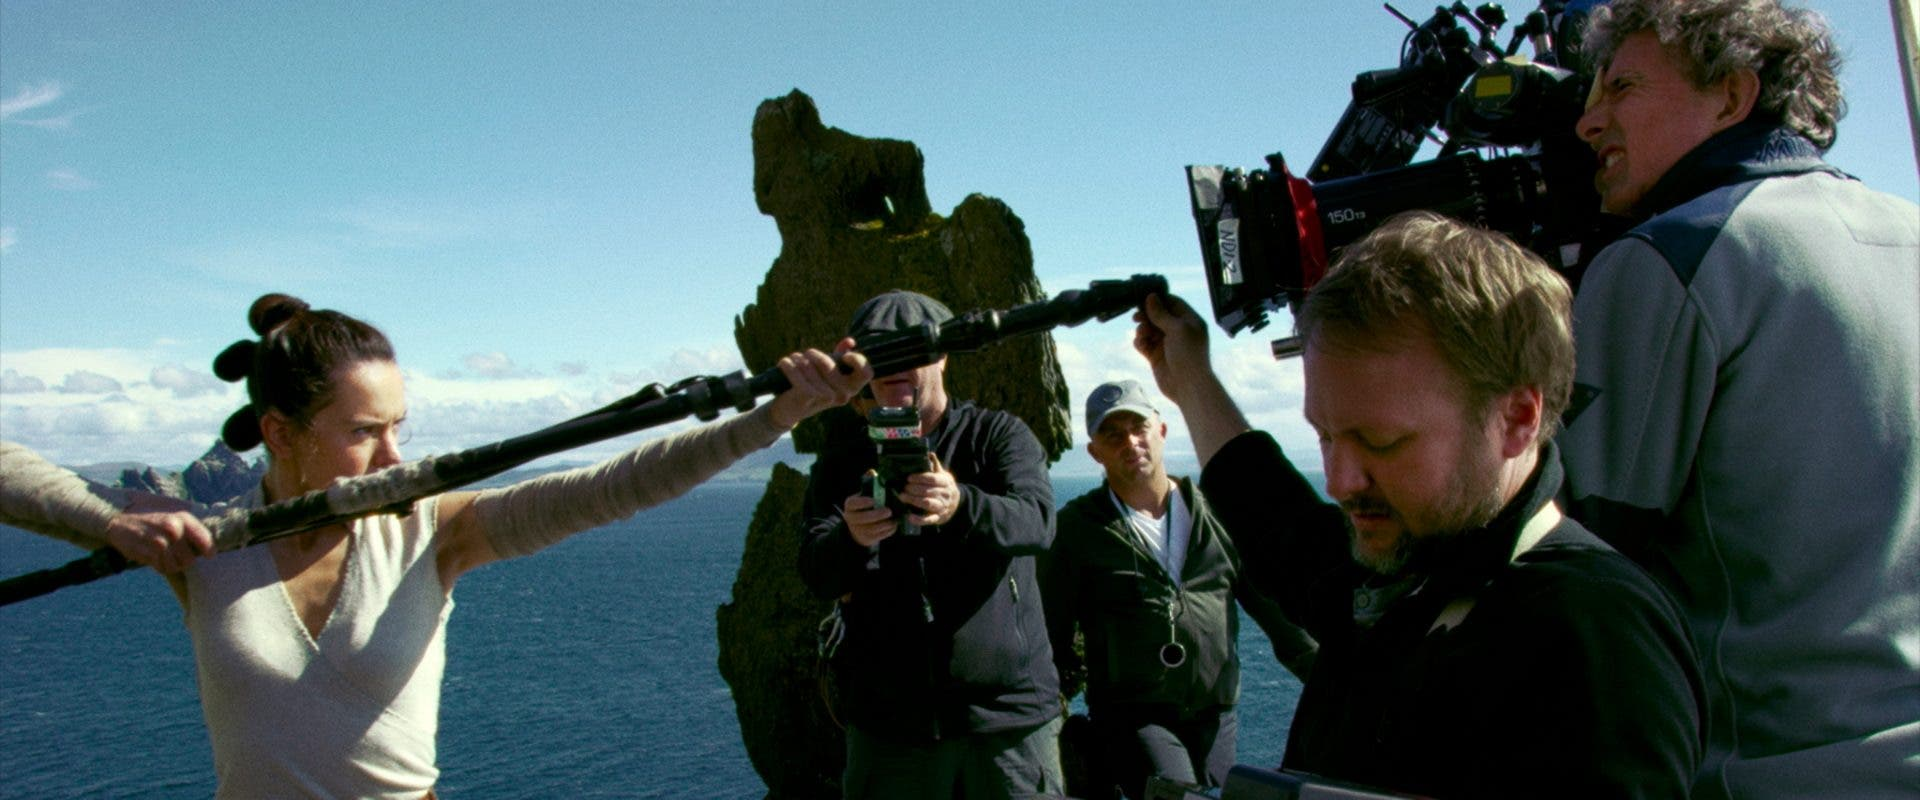 Rian Johnson quiere más diversidad de directores en la saga Star Wars